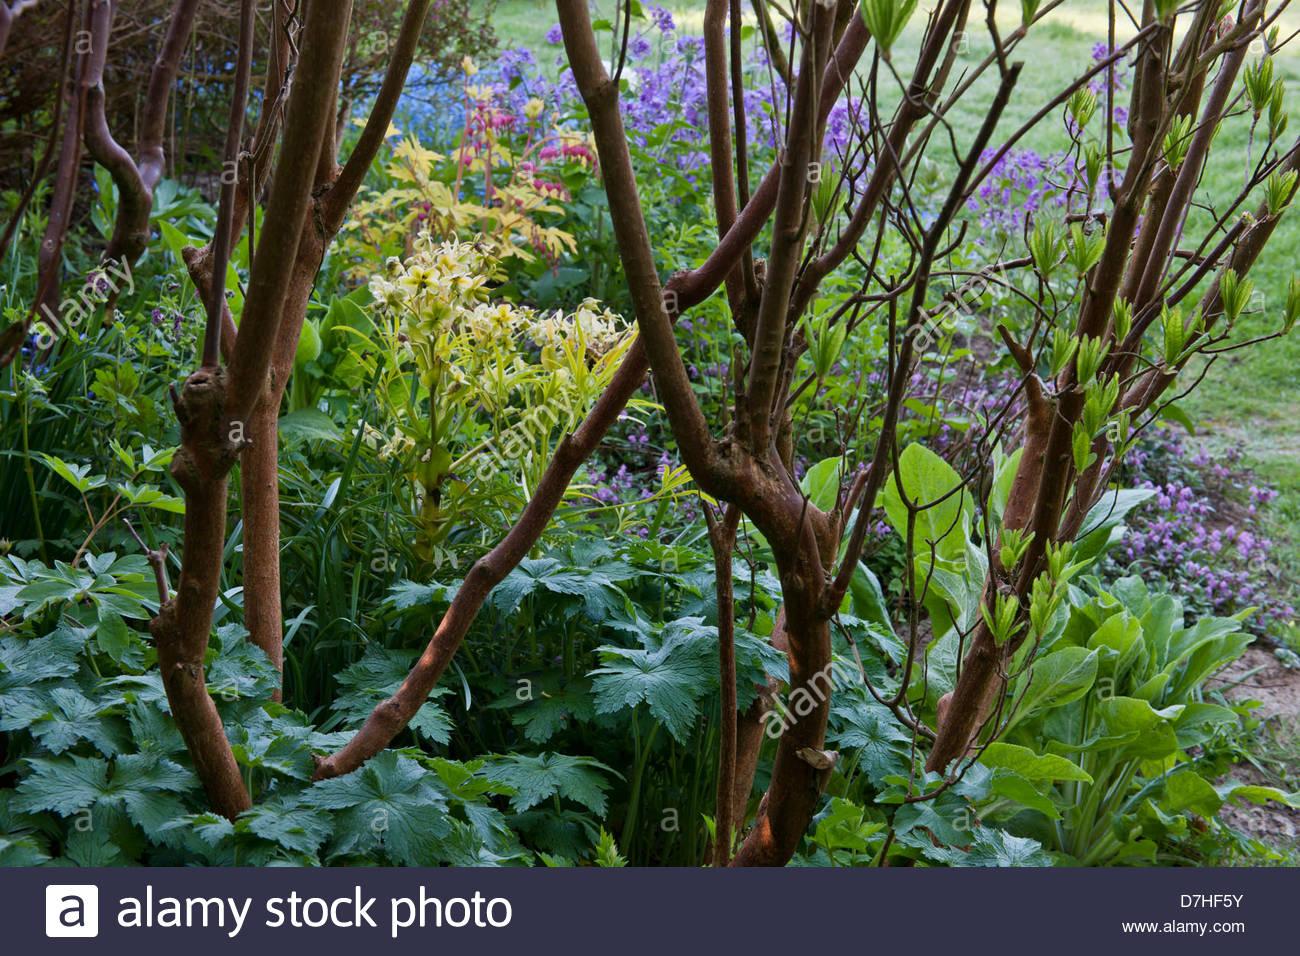 Schattenliebende Pflanzen schatten liebende pflanzen unter angehobenen stiele azaleen geranium